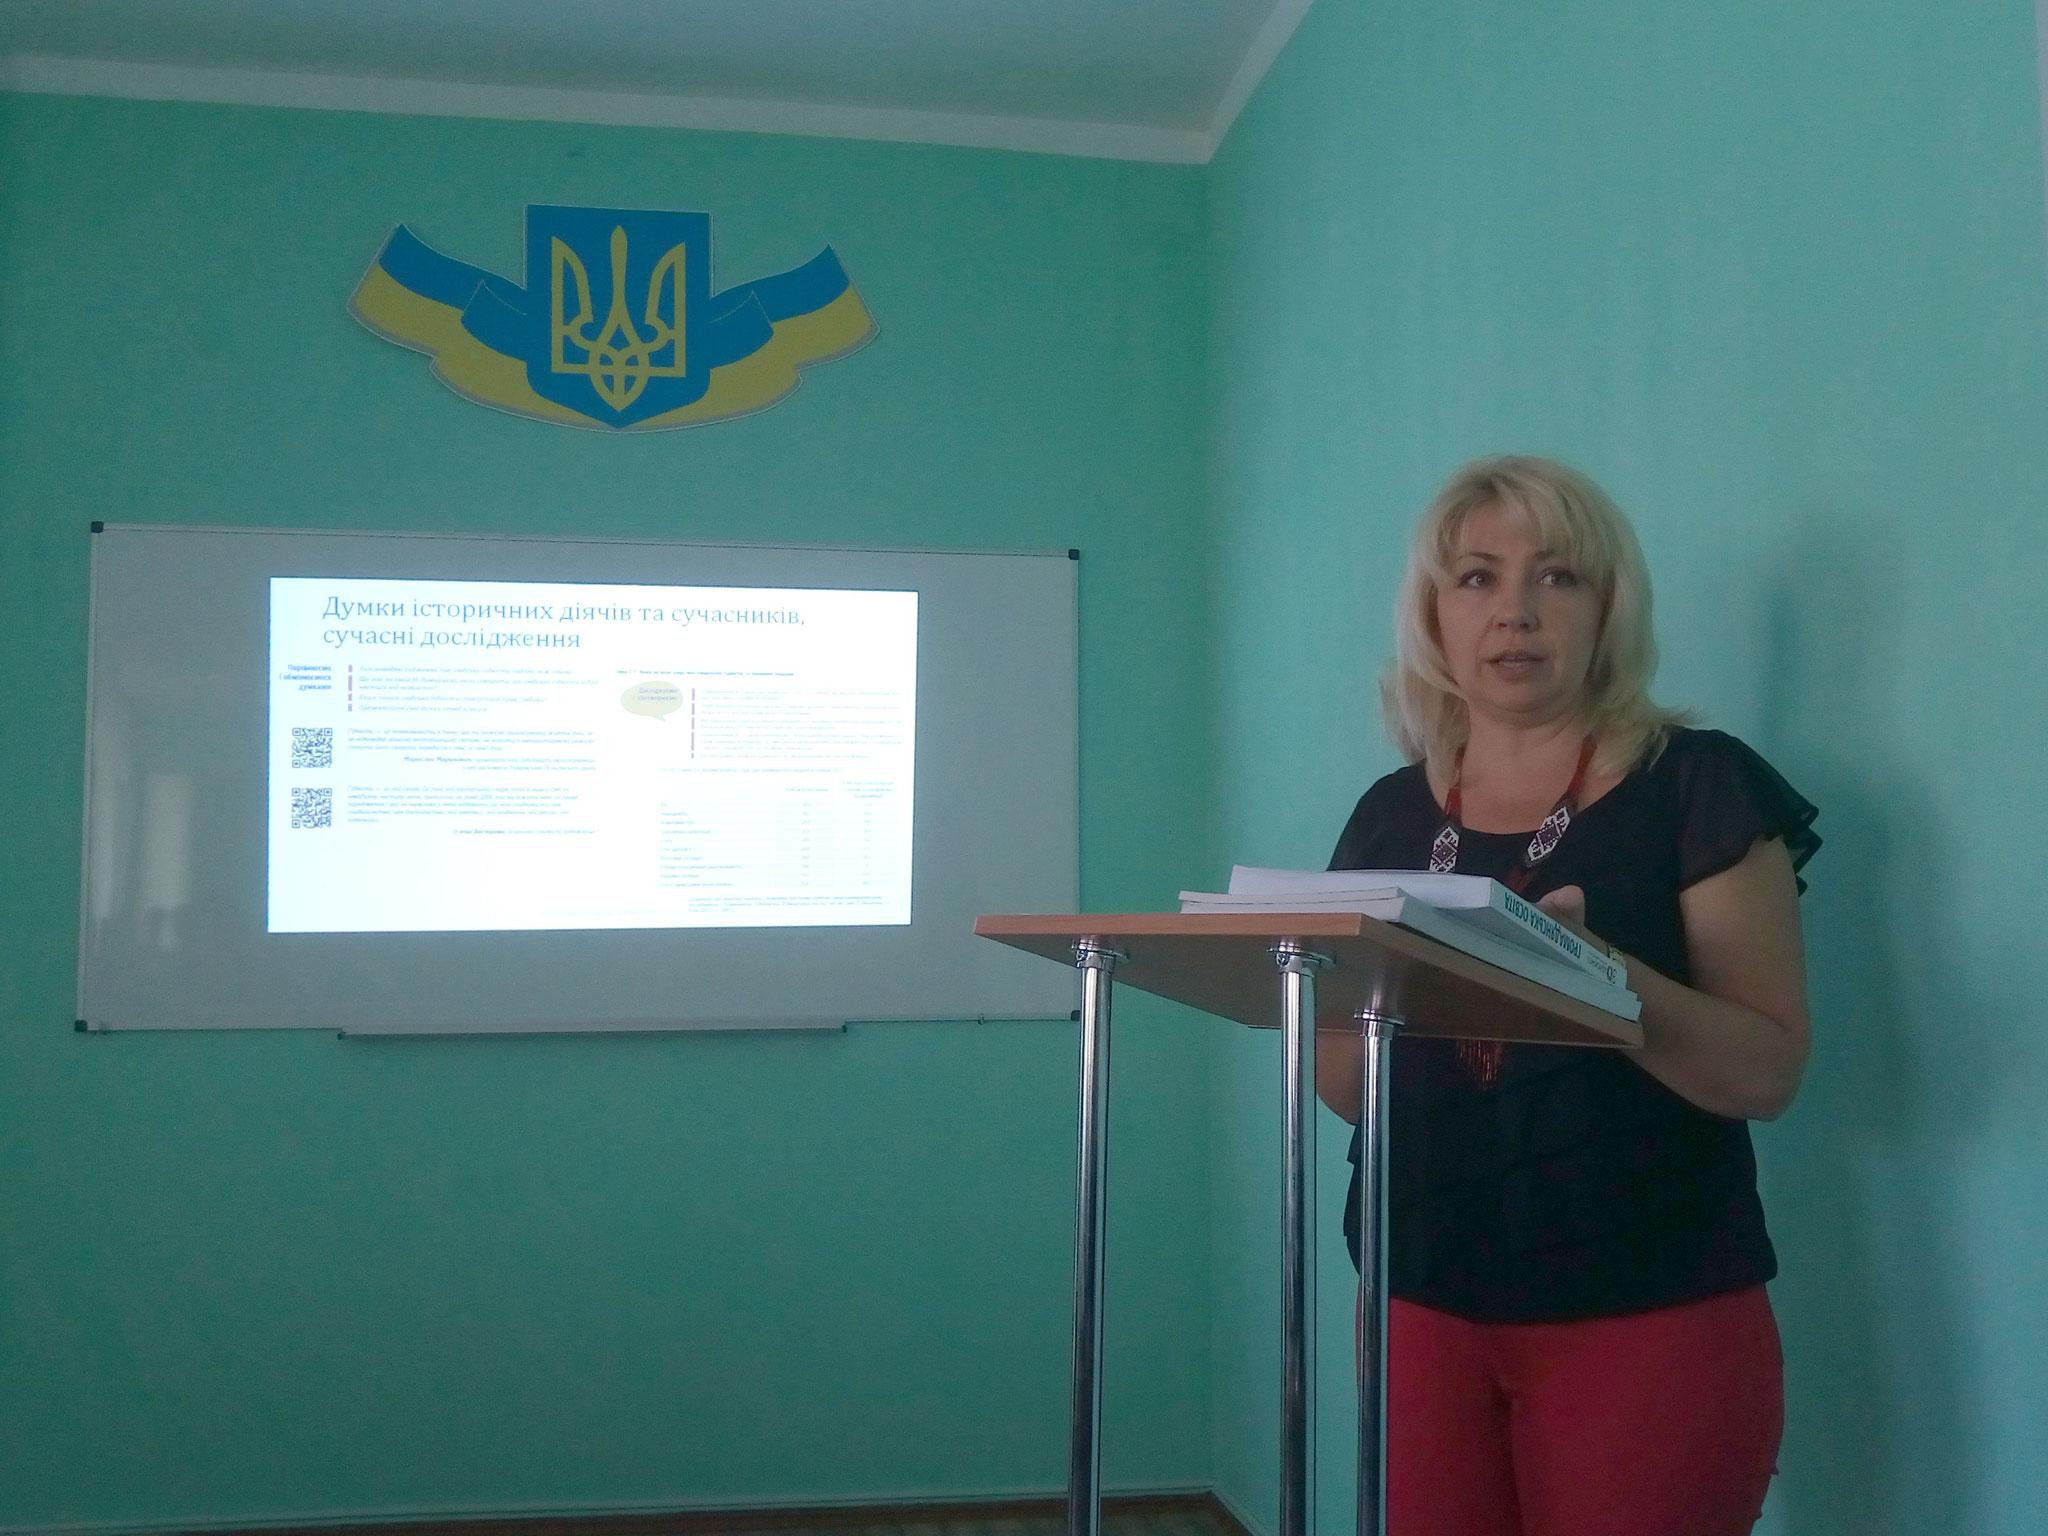 """Козорог О.Г. (Українська Гельсинська спілка) про права людини в курсі  """"Громадянська освіта"""""""